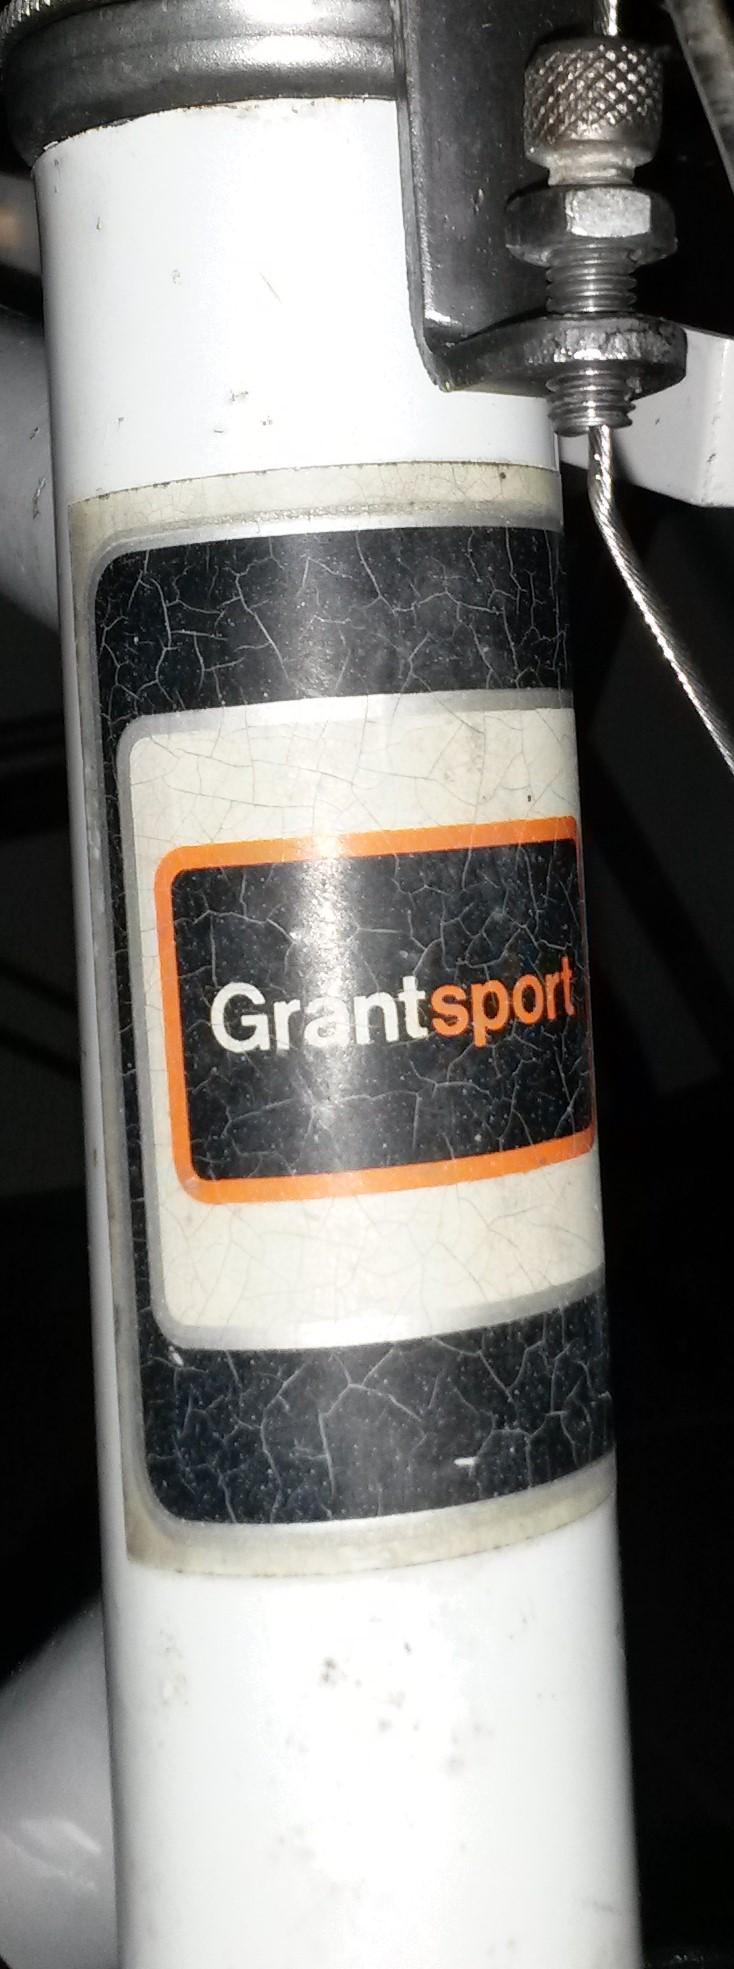 GRANTSPORT 1974 by HUFFY Bike Co 20191192